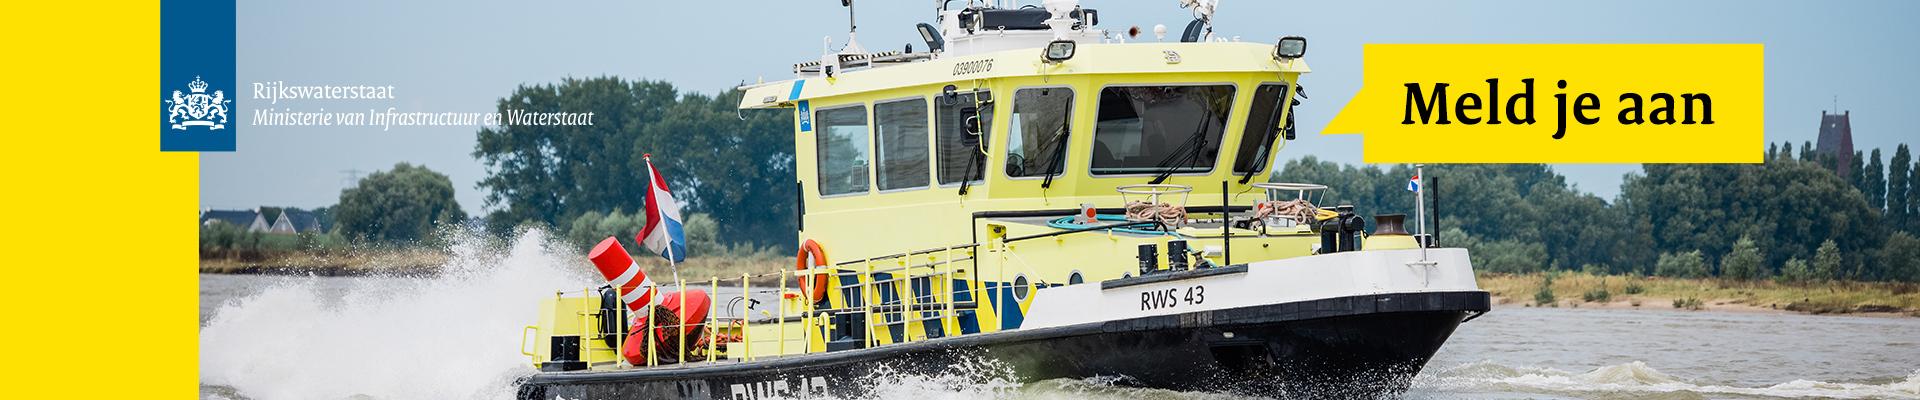 Kennismaken nautische mogelijkheden Rijkswaterstaat